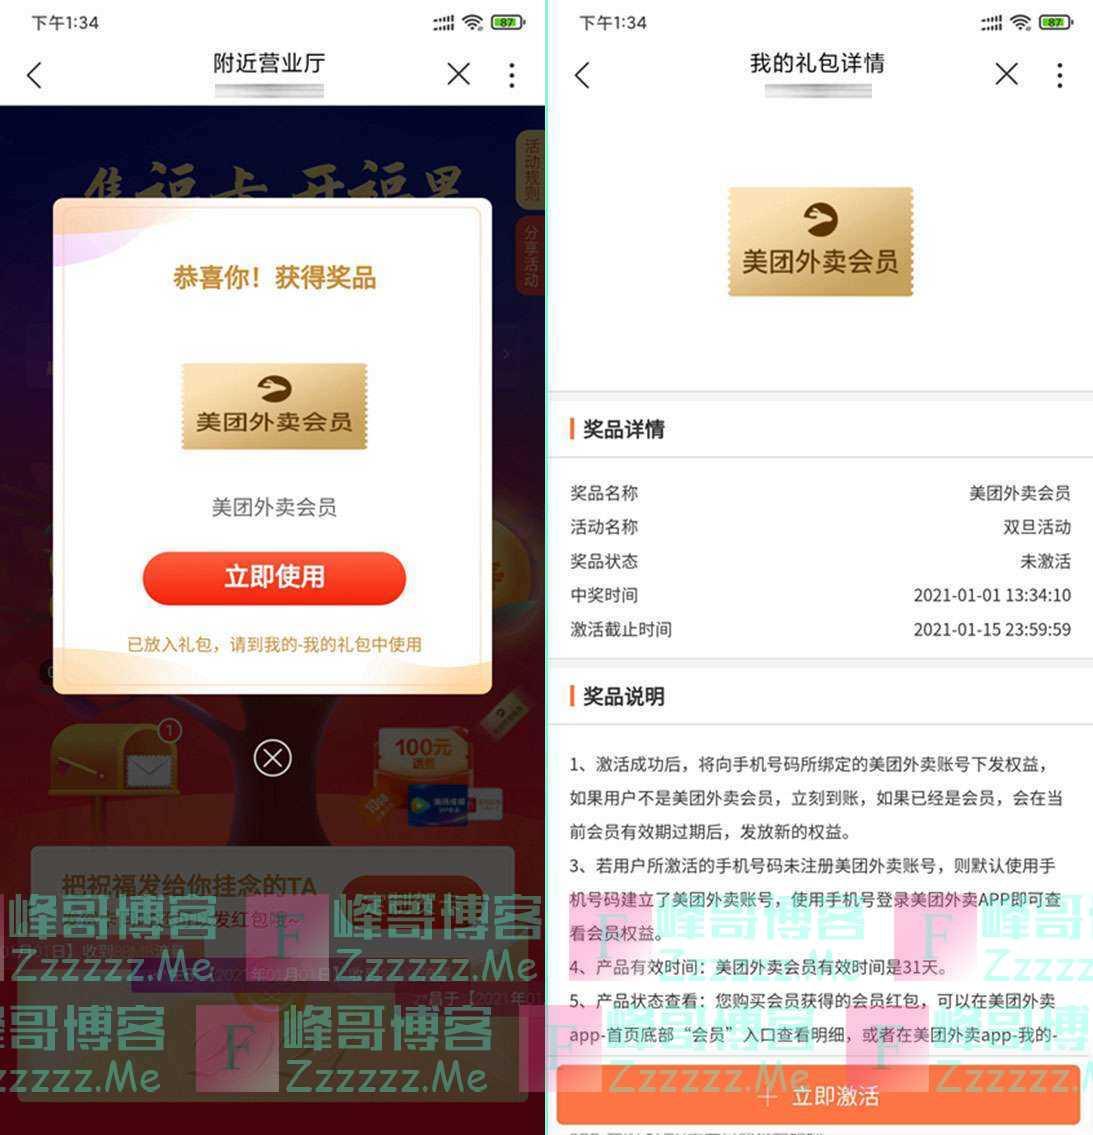 中国联通手机营业厅双旦开福果活动 抽美团外卖,腾讯视频会员等!